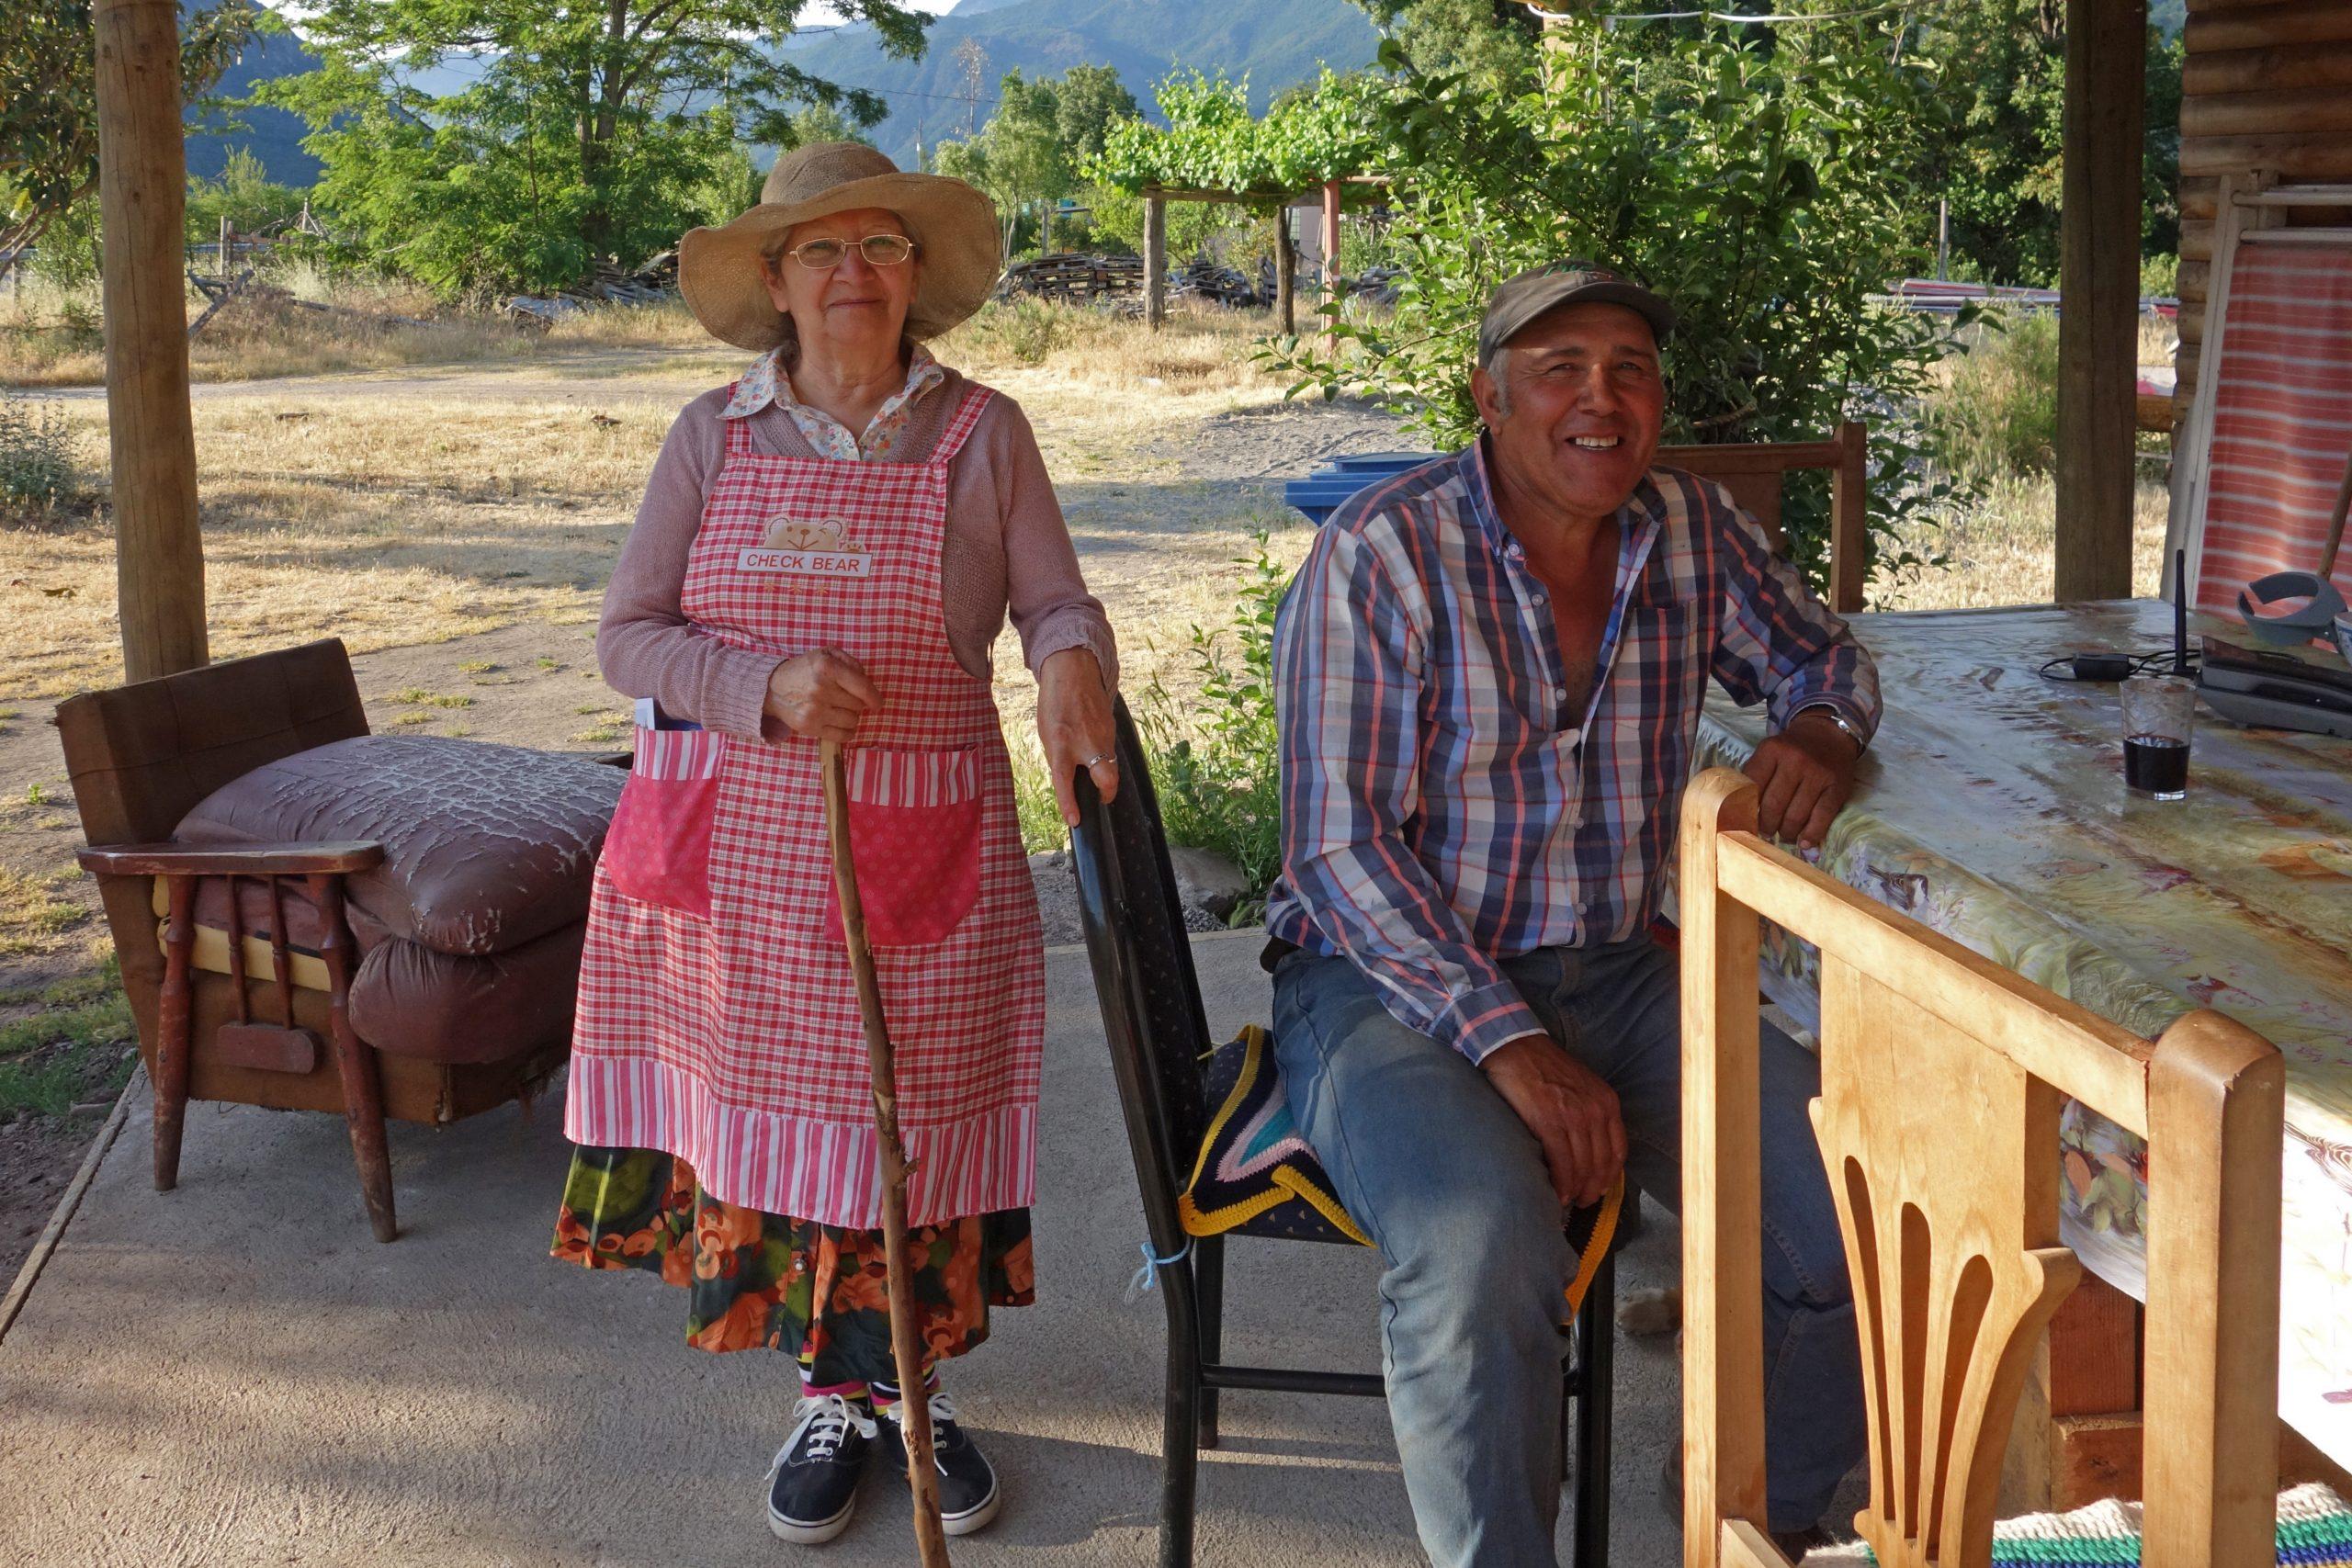 Radreise Südamerika 2019 - Altes Ehepaar